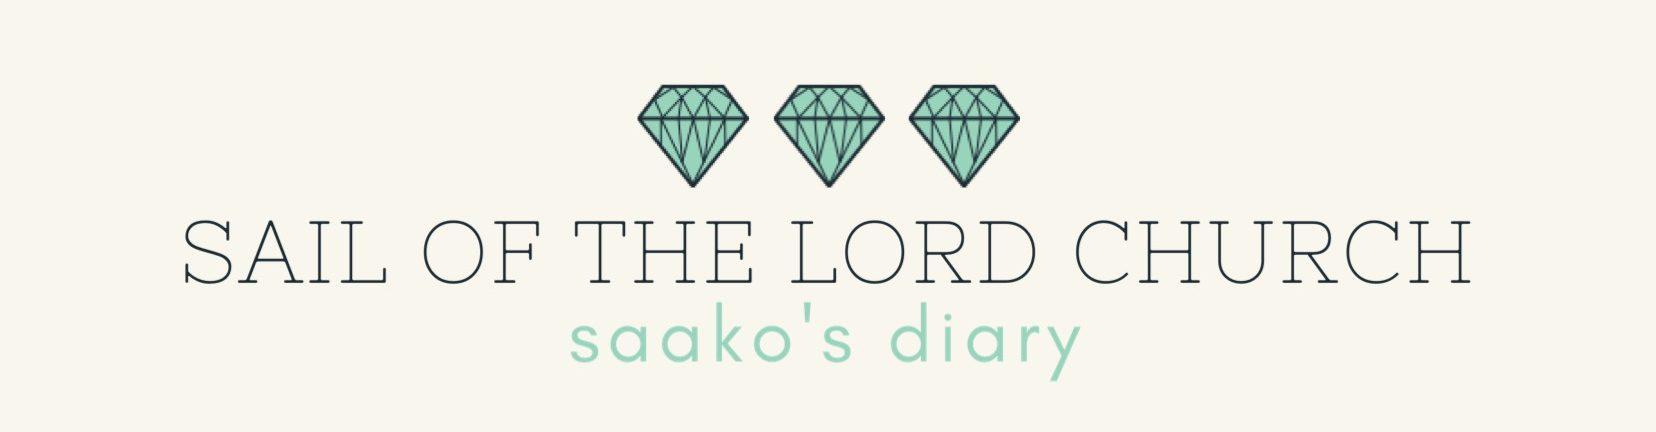 saako's diary